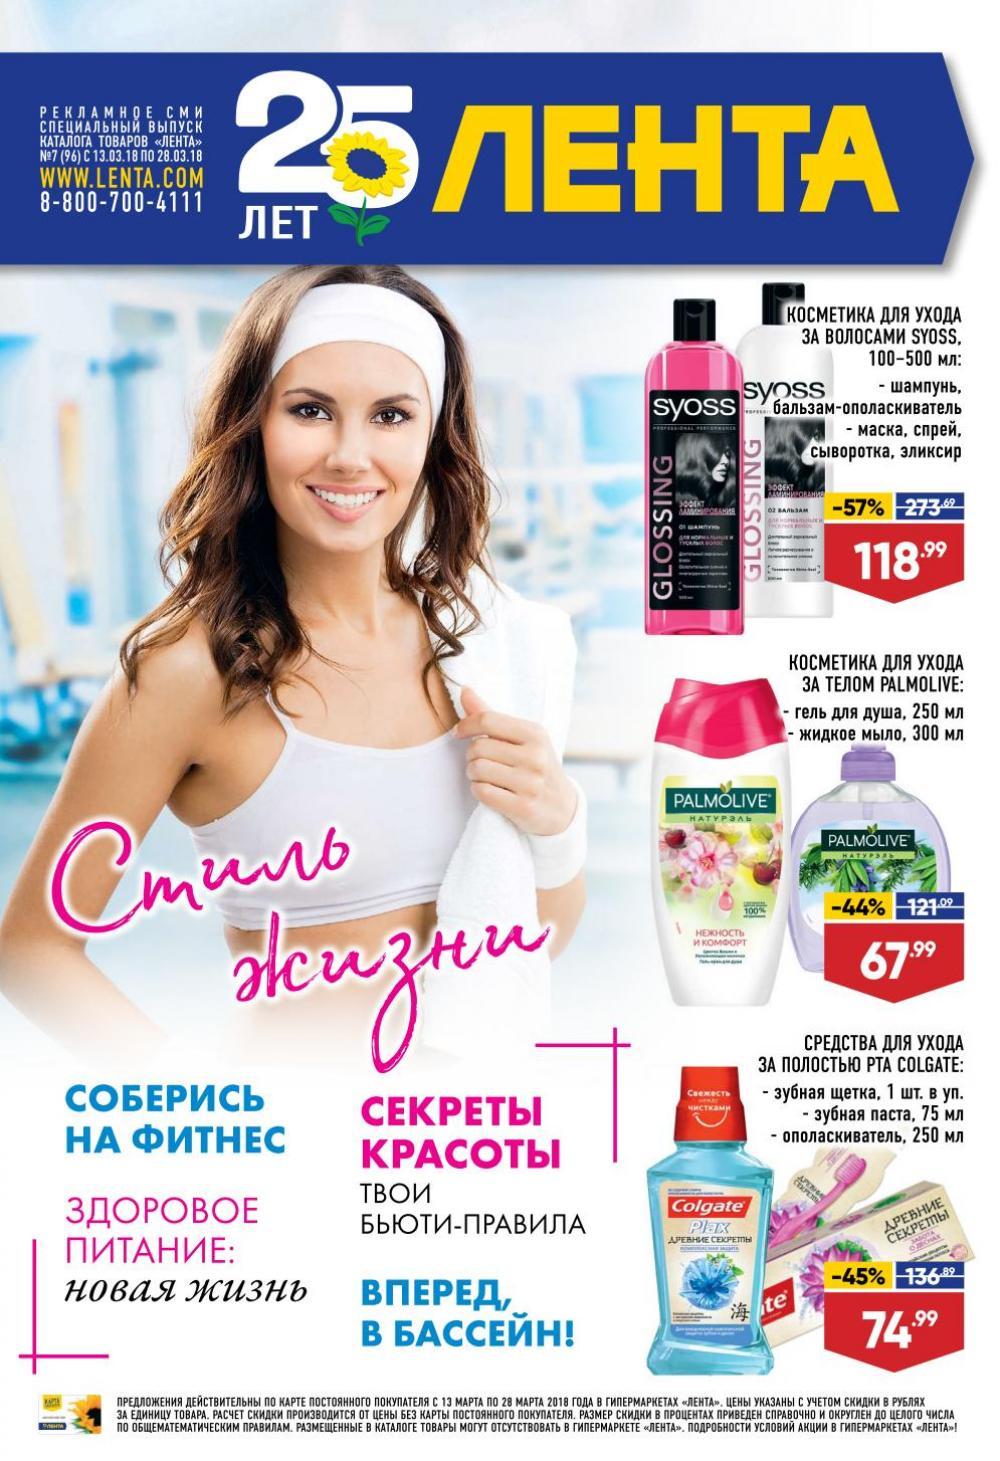 Акции на товары для красоты и здоровья в магазинах Лента от 13 марта 2018